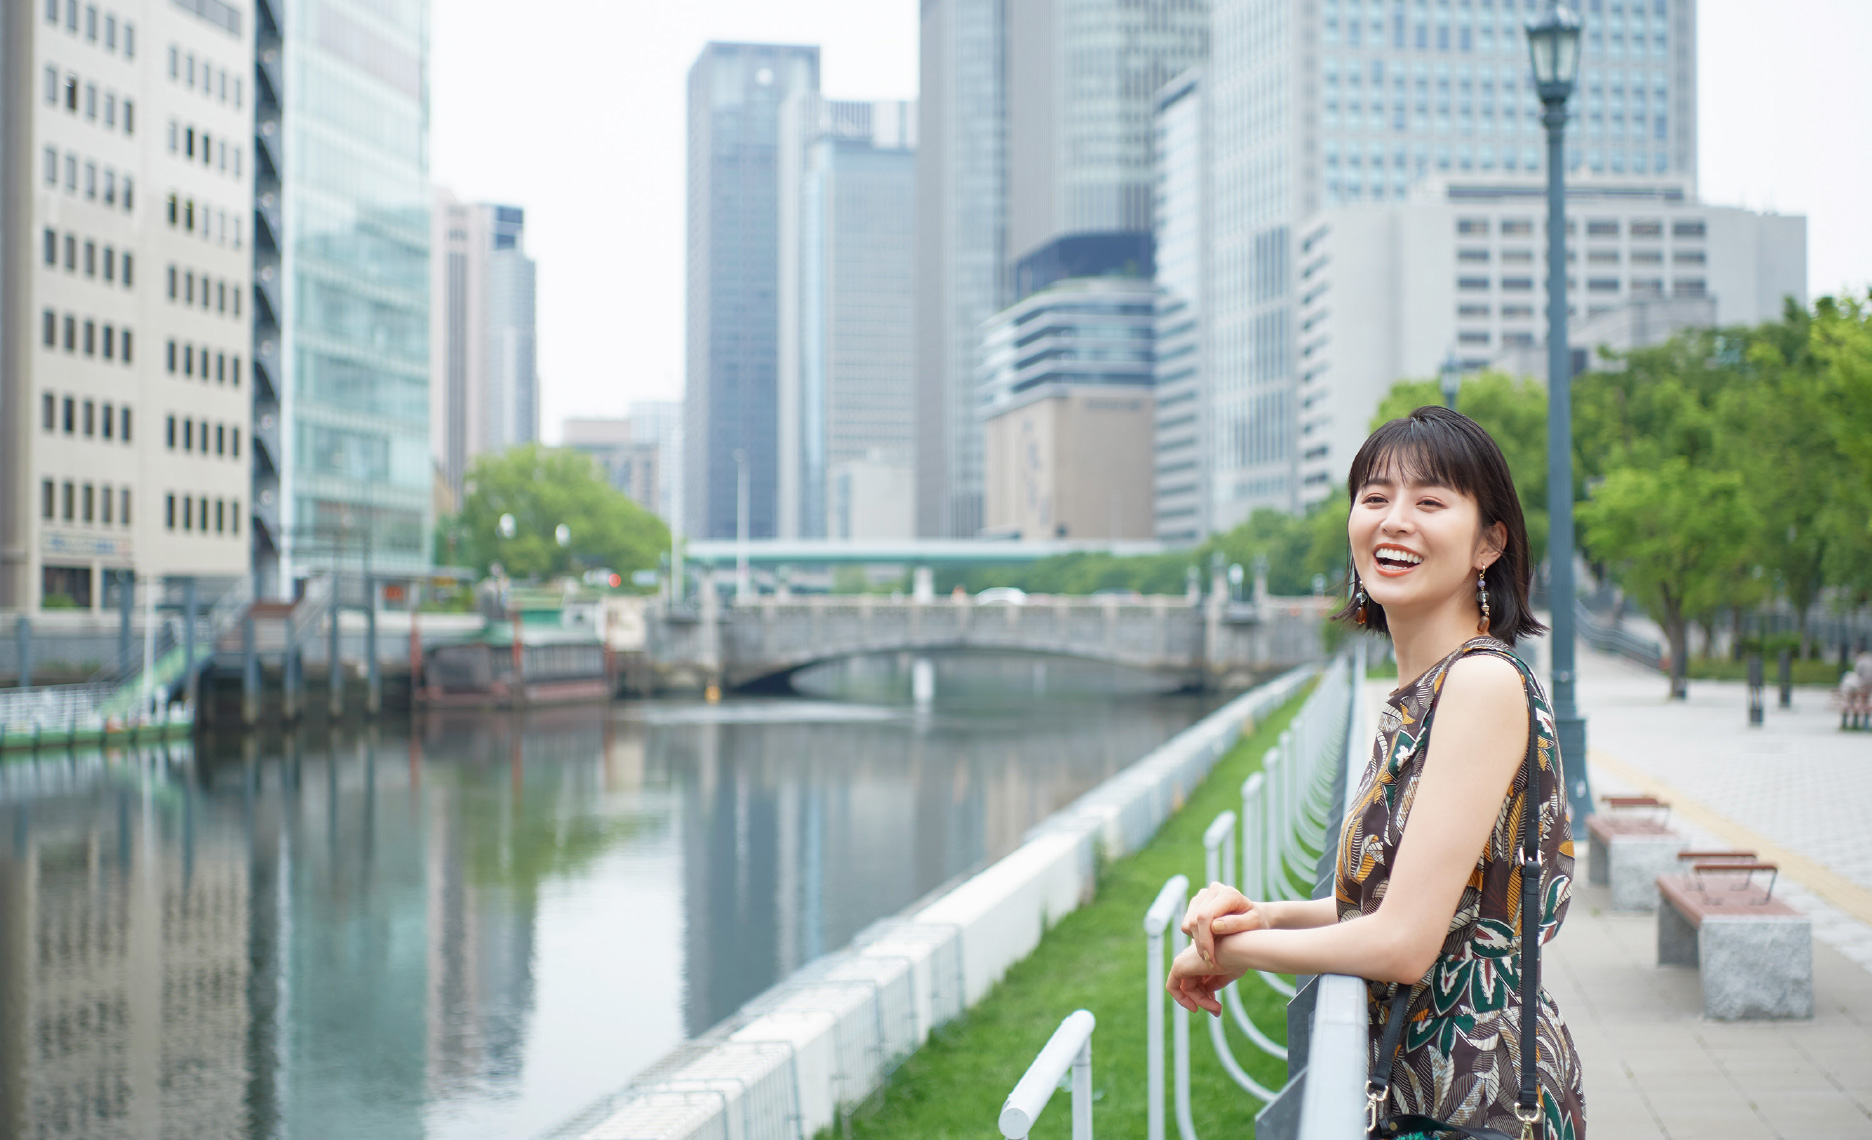 鈴木ちなみさんがナビゲート レトロとモダンを楽しむ大阪の歩き方